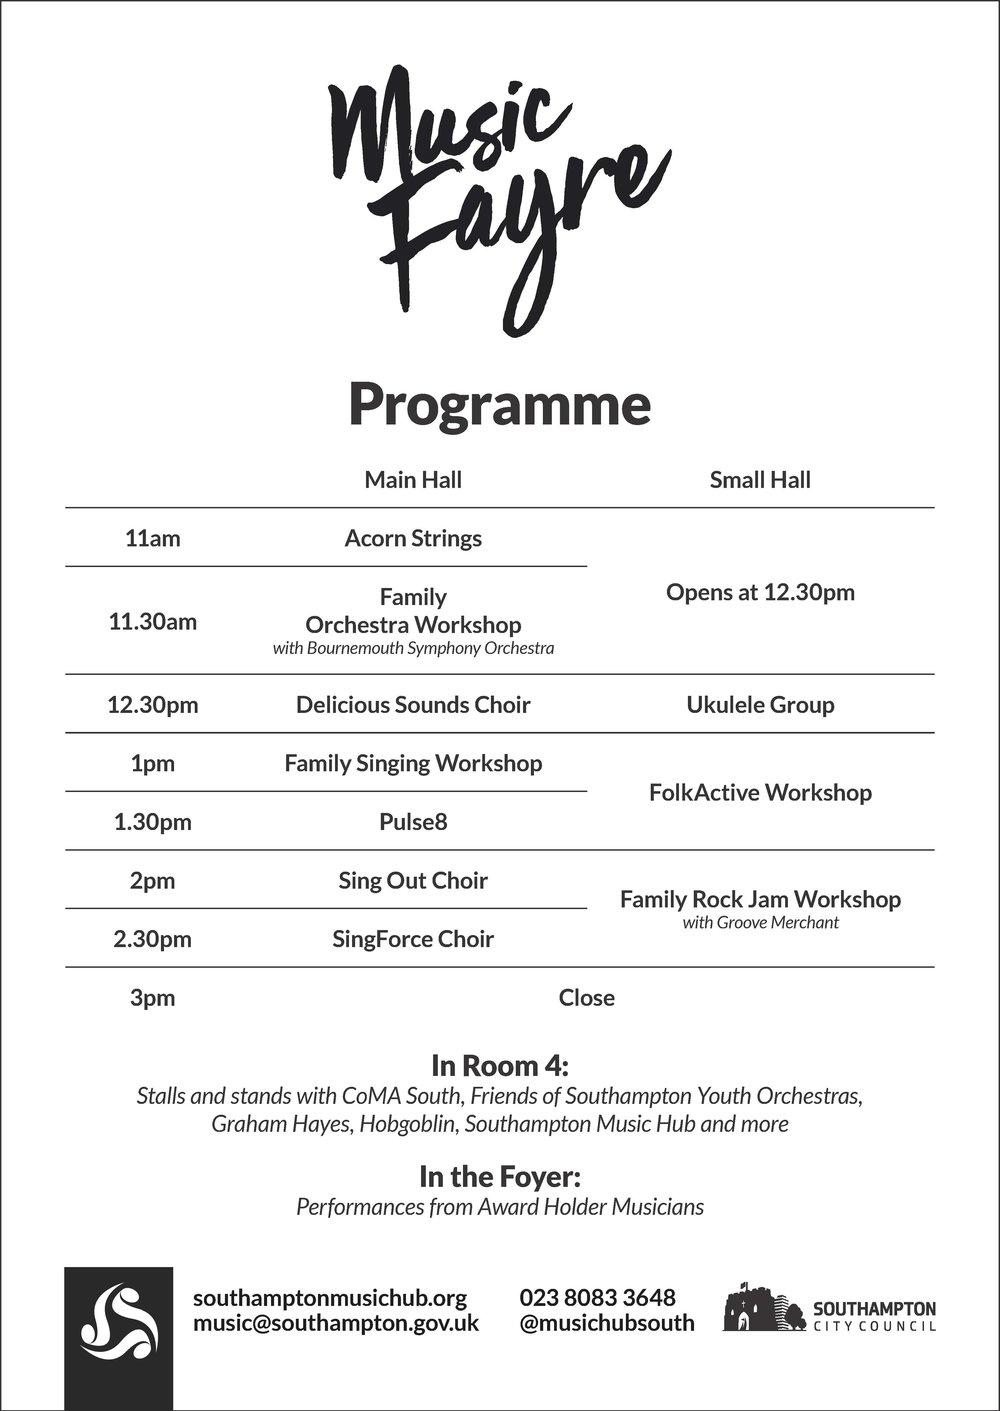 Music Fayre Programme (1) - Copy.jpg